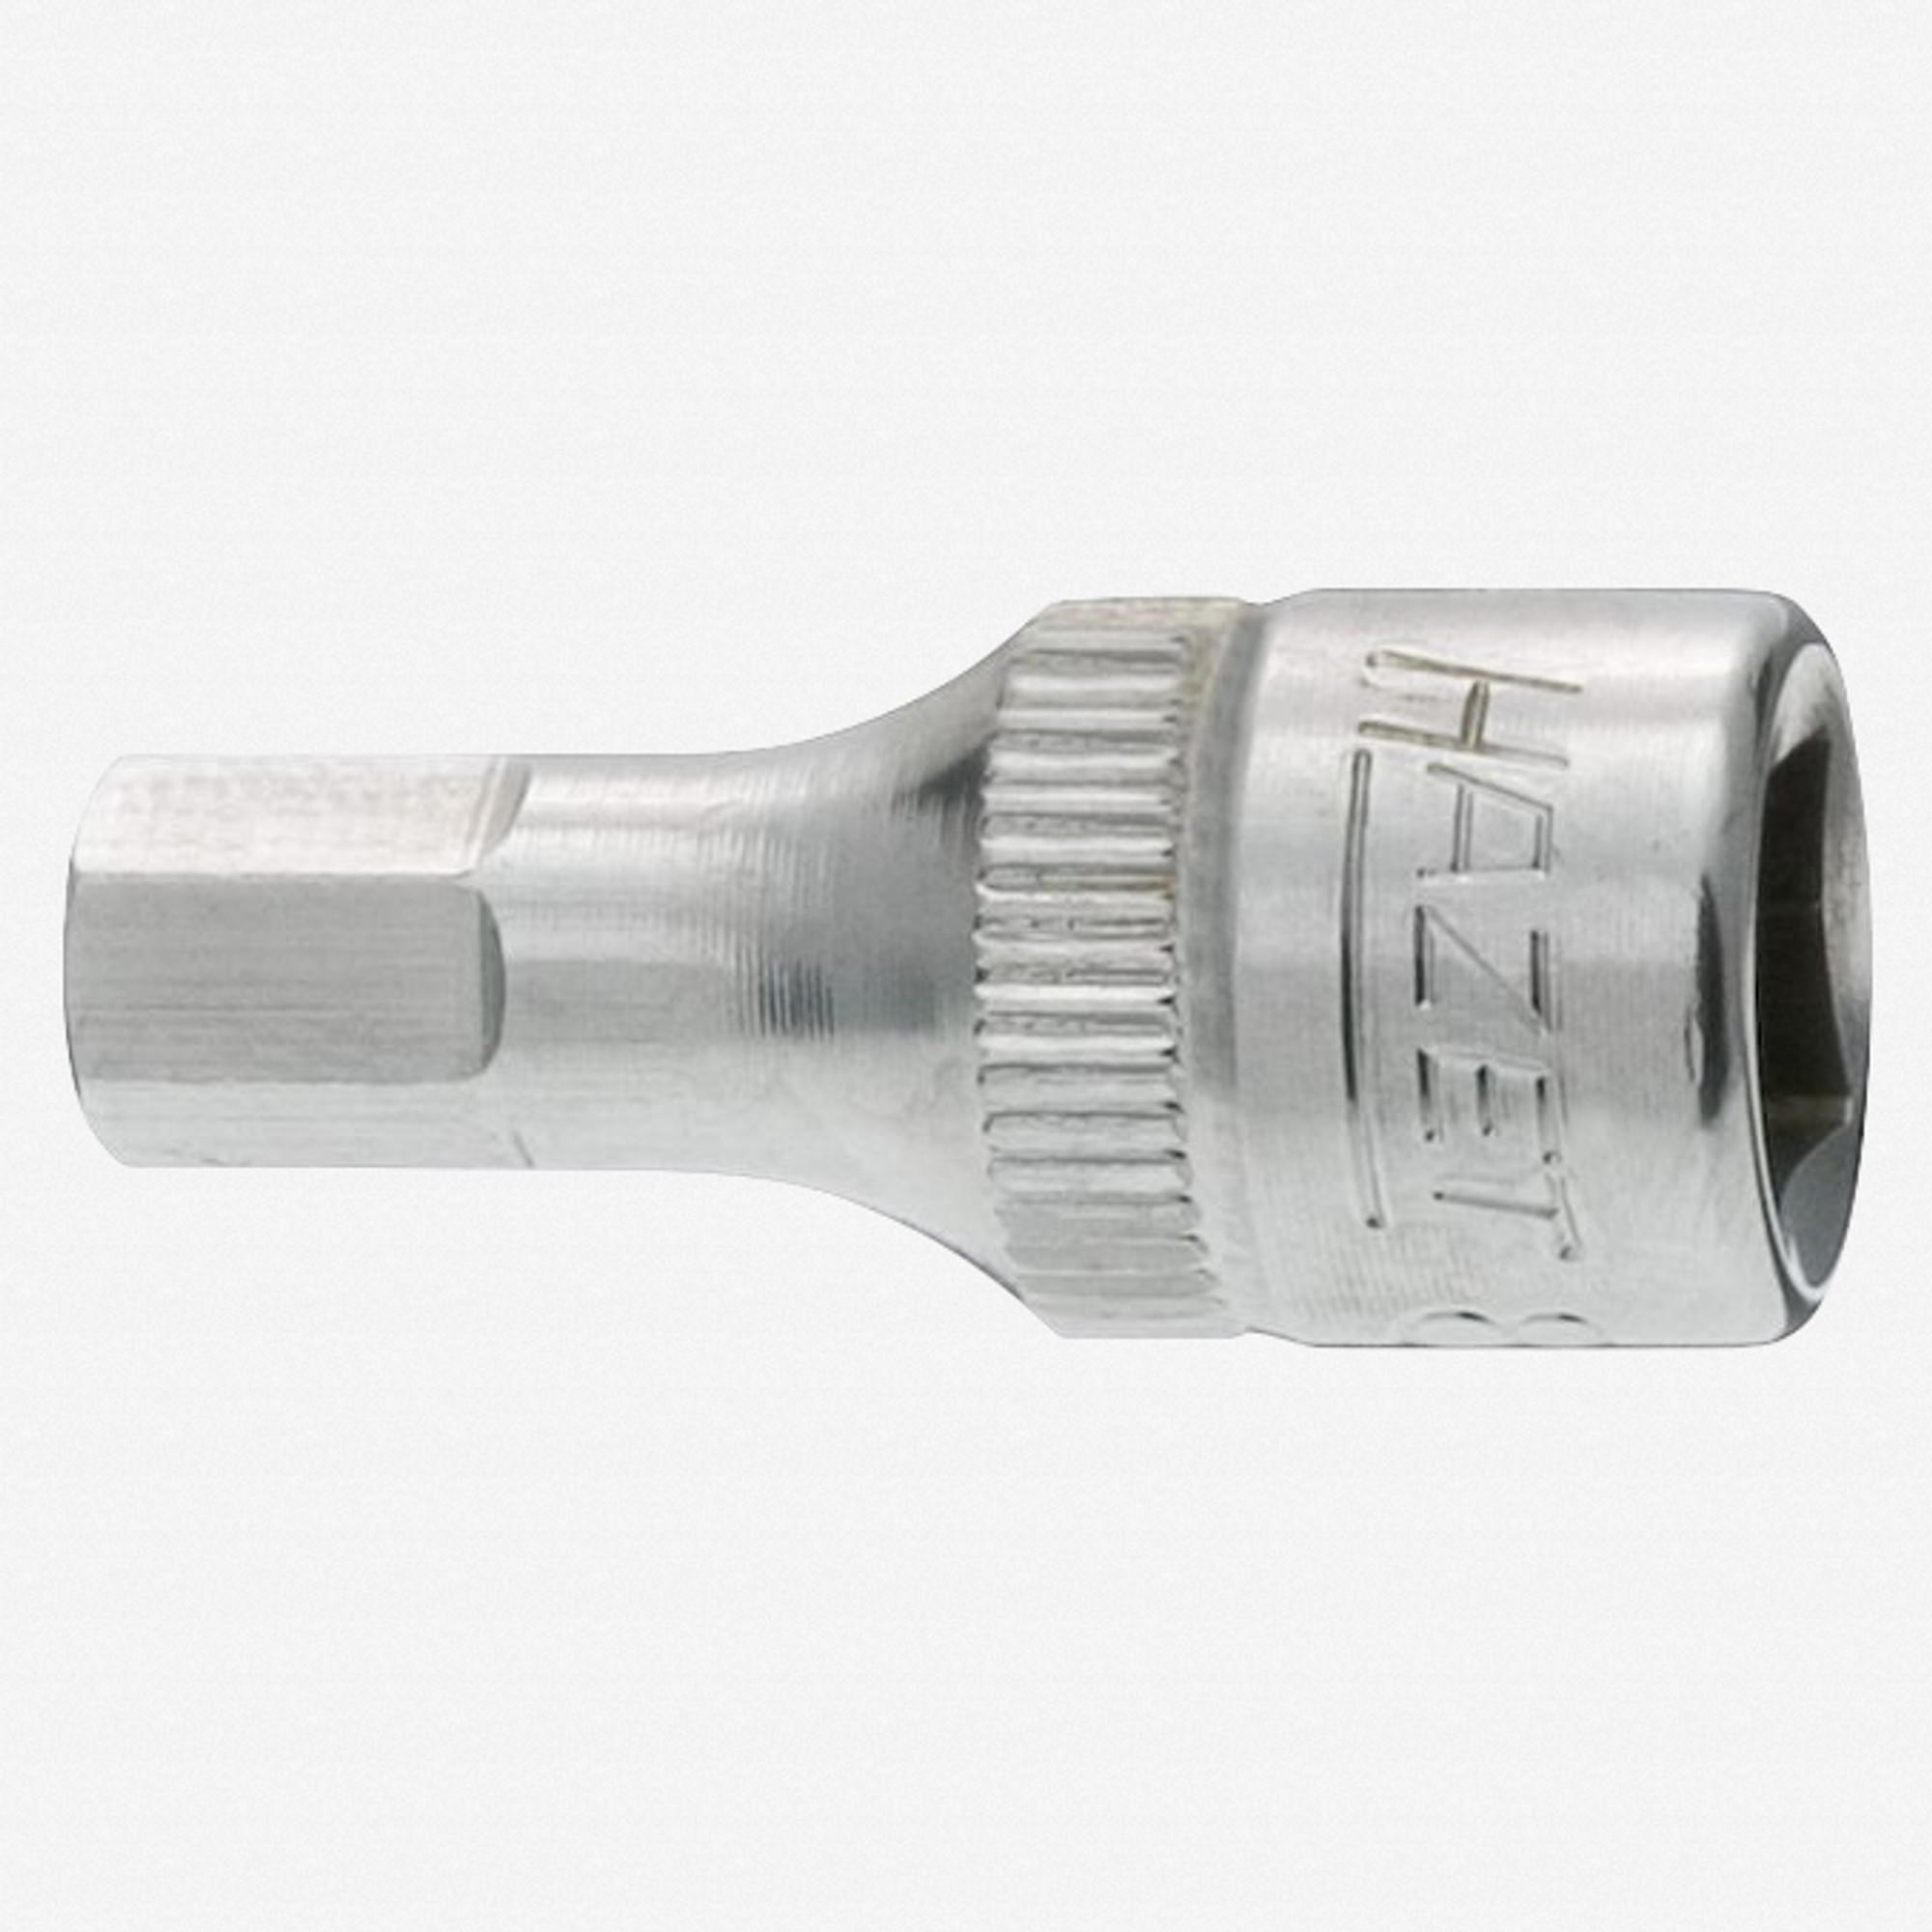 Hazet 8501-3 Screwdriver Socket Bits